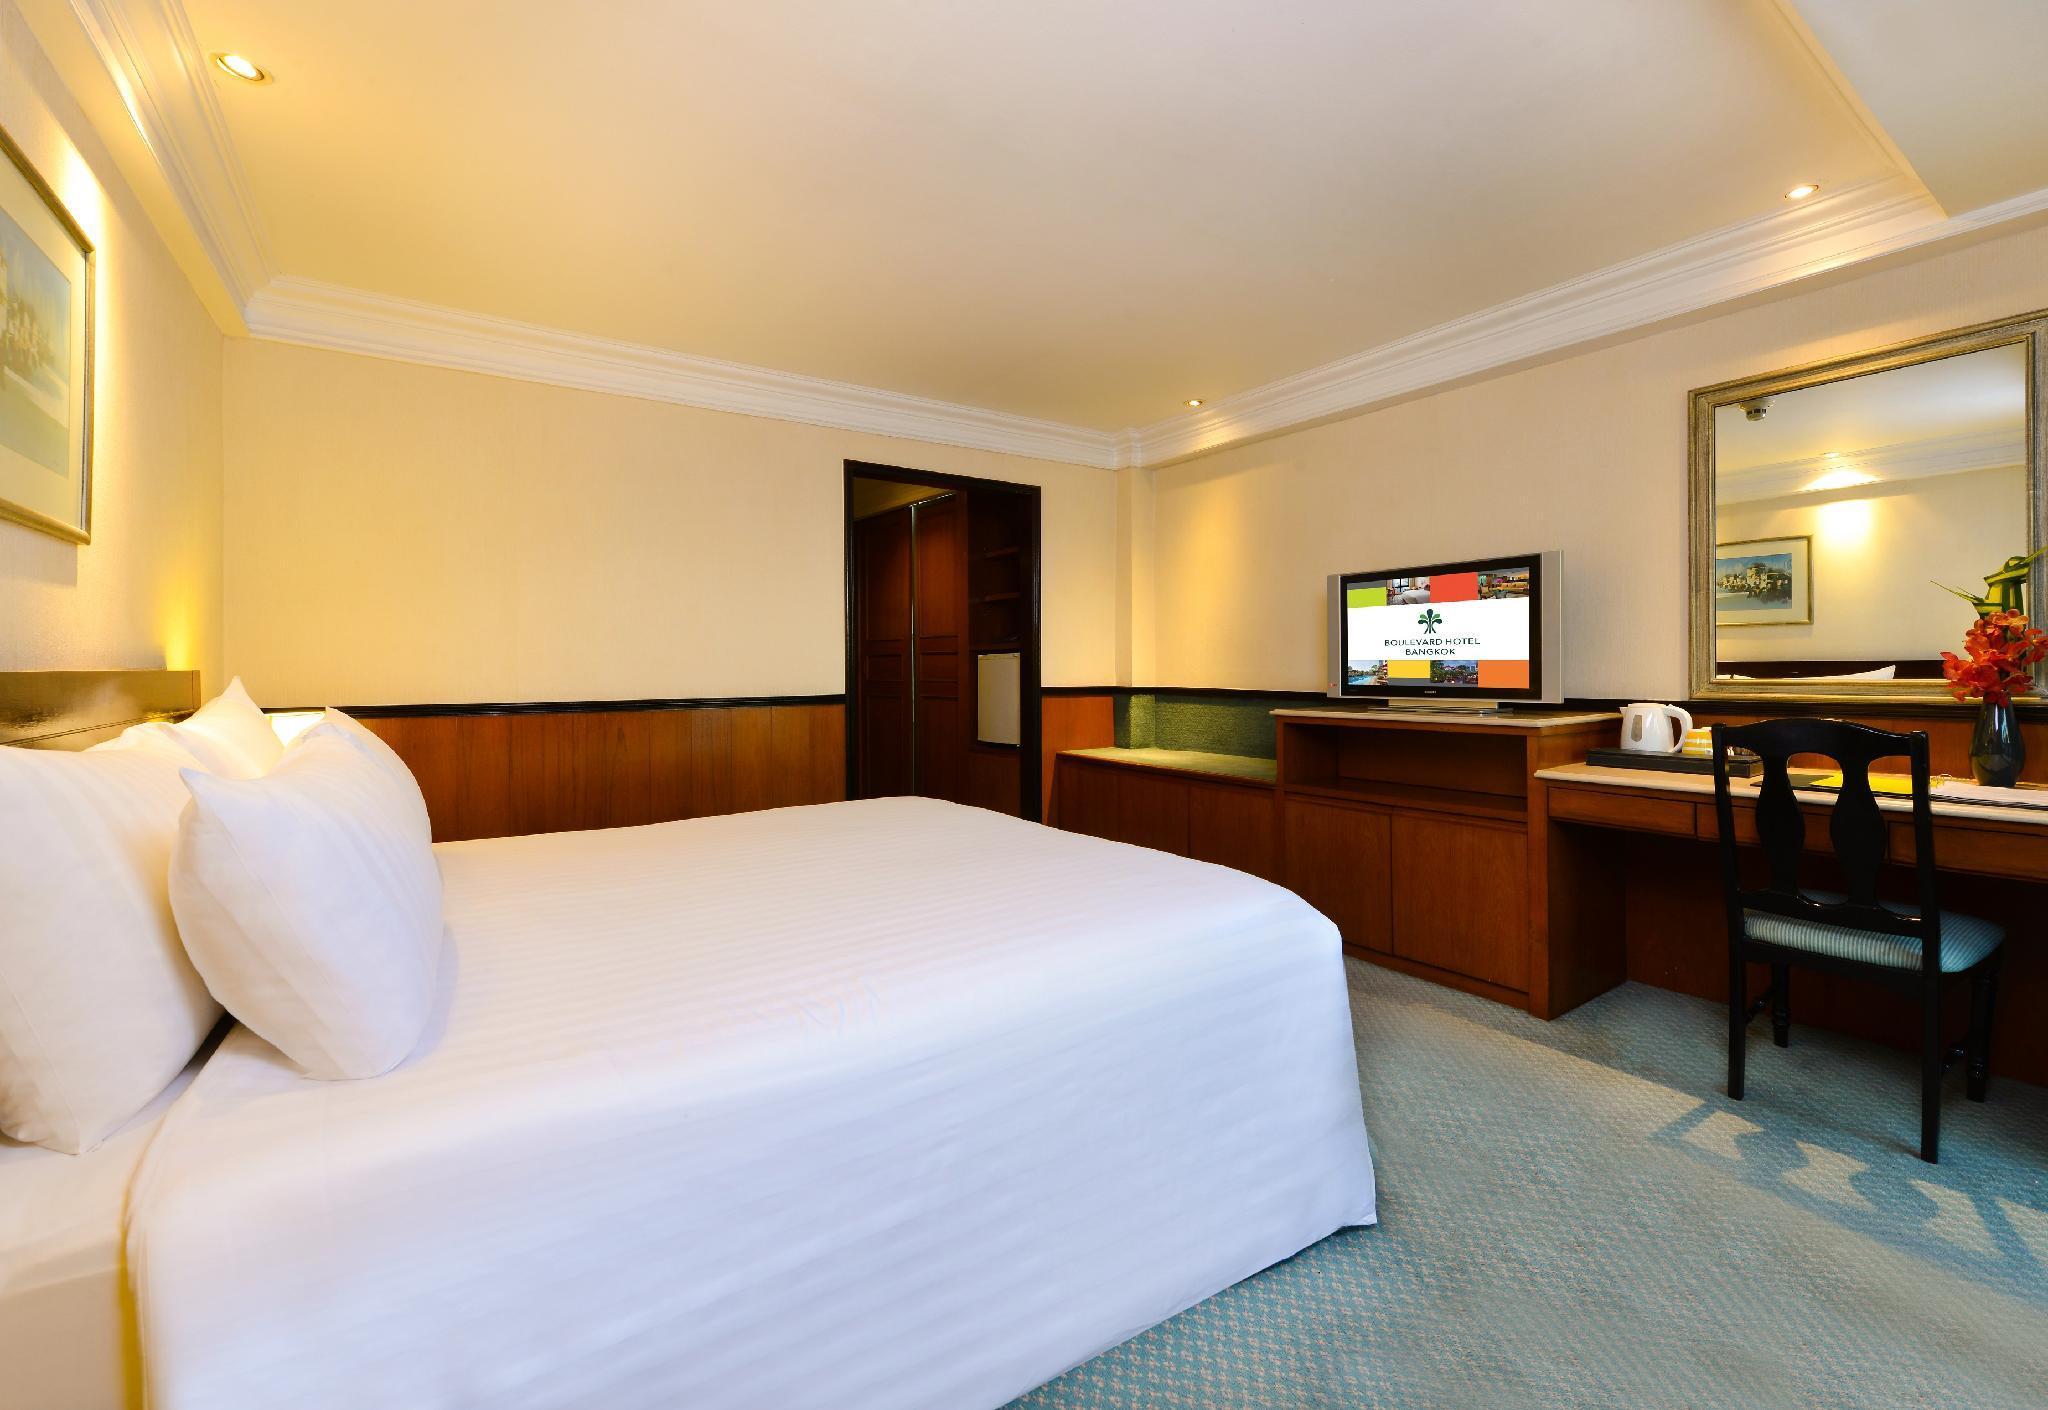 โรงแรมบูเลอวาร์ด กรุงเทพฯ สุขุมวิท